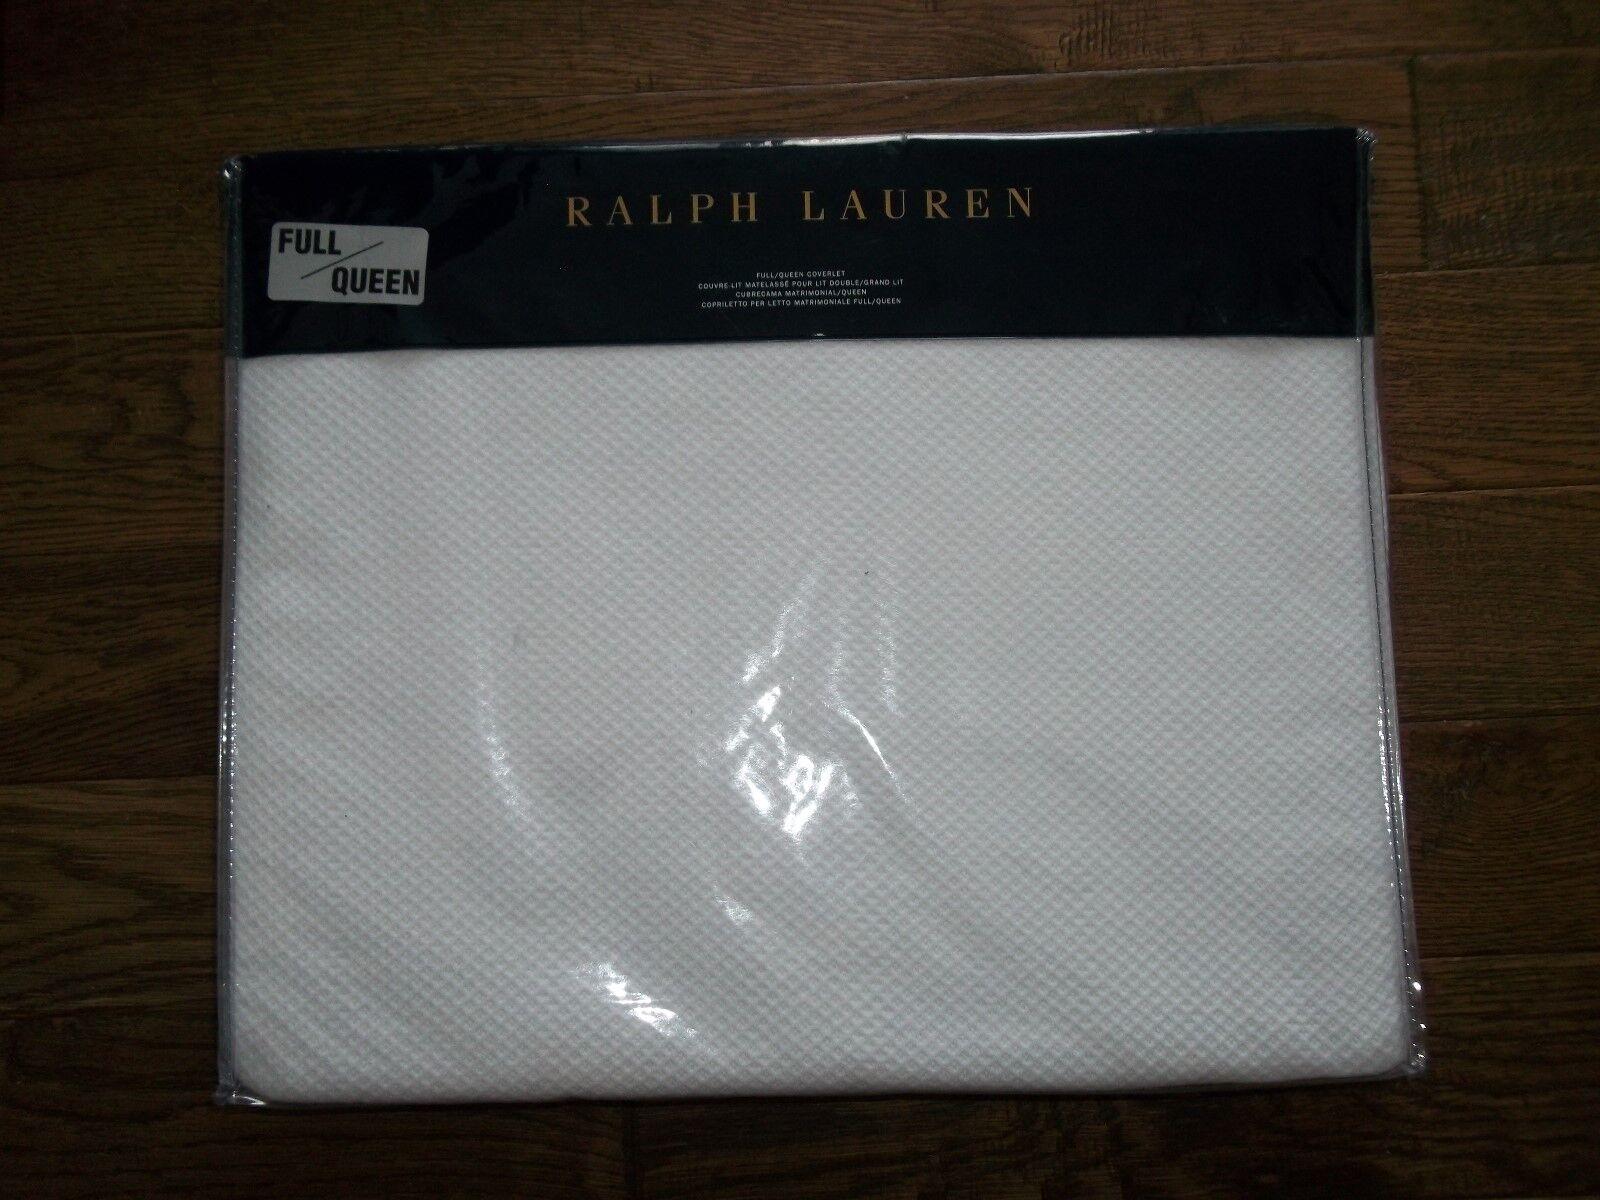 RALPH LAUREN Diamond WHITE Quilt ADELAIDE Full Queen COVERLET Bedspread Rt  285